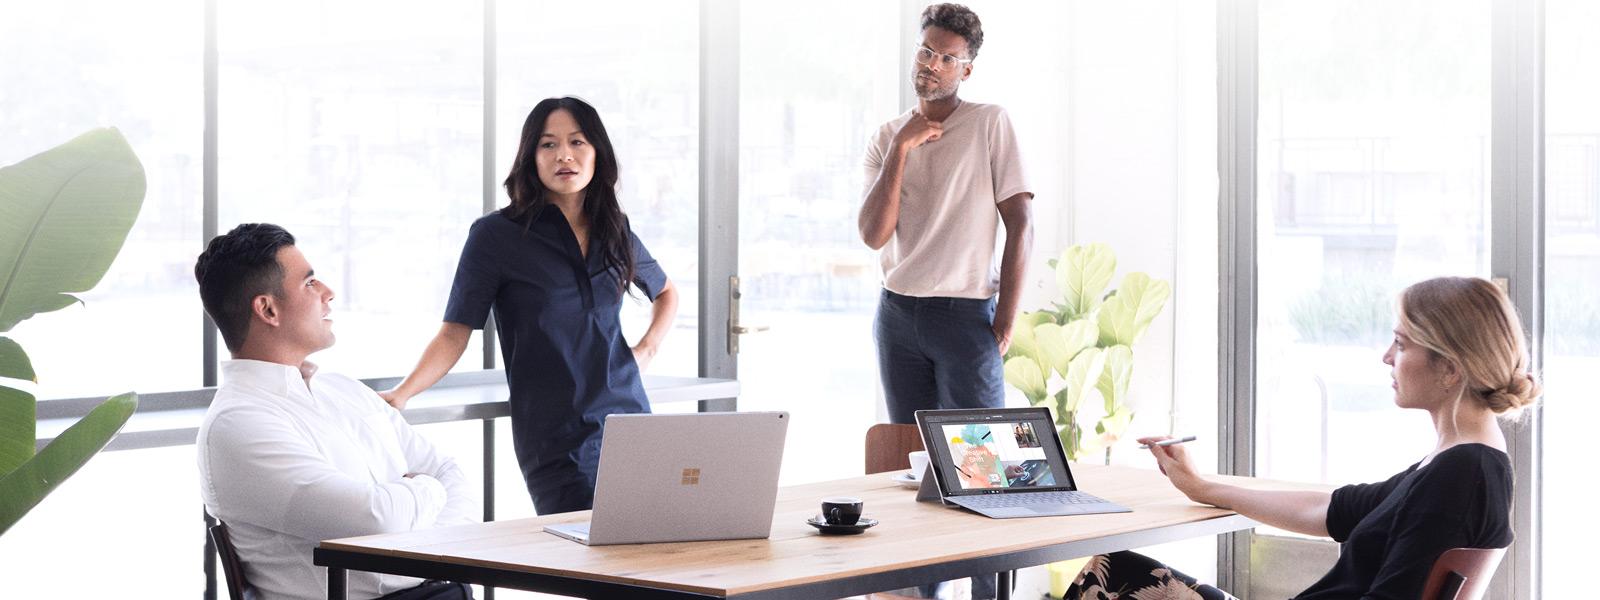 Ein Team versammelt sich um einen Konferenztisch mit Surface-Geräten.